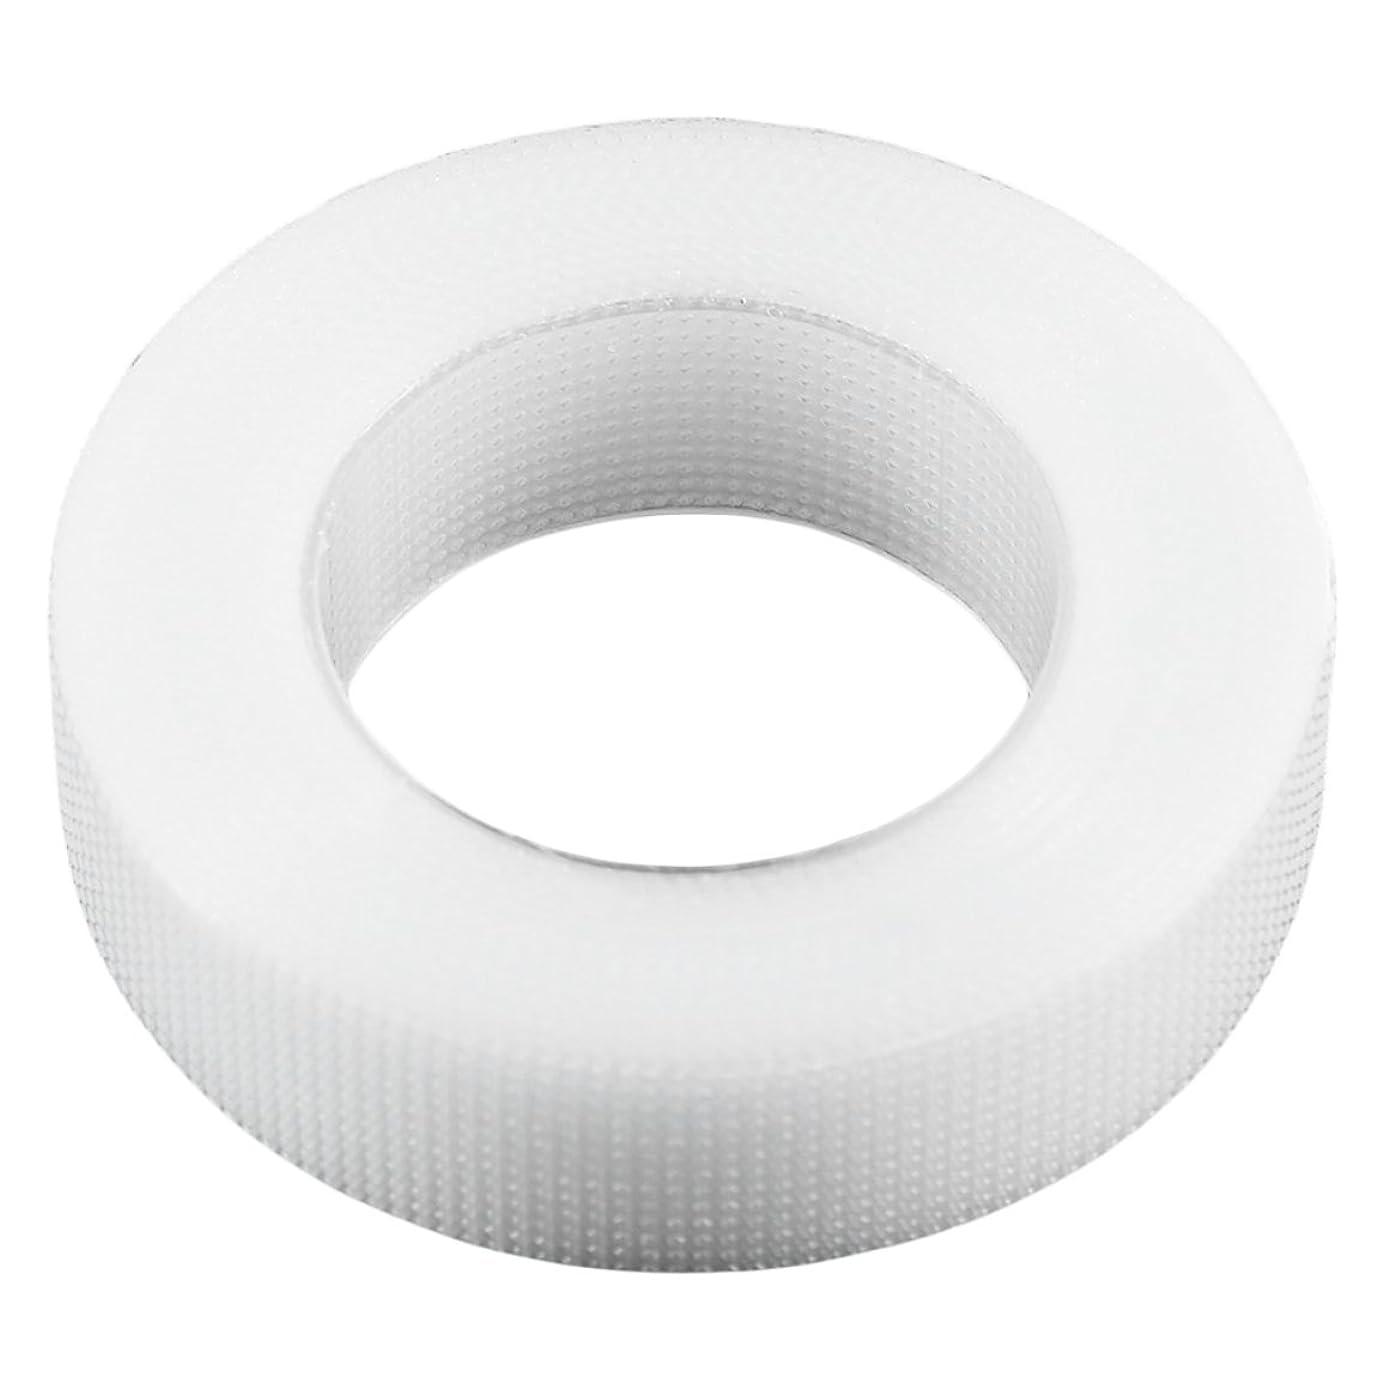 使役樫の木長椅子1ロール1.25×9メートルプロ白まつげエクステンション不織布ラップテープセットアイケアキット用まつげ用 - 透明